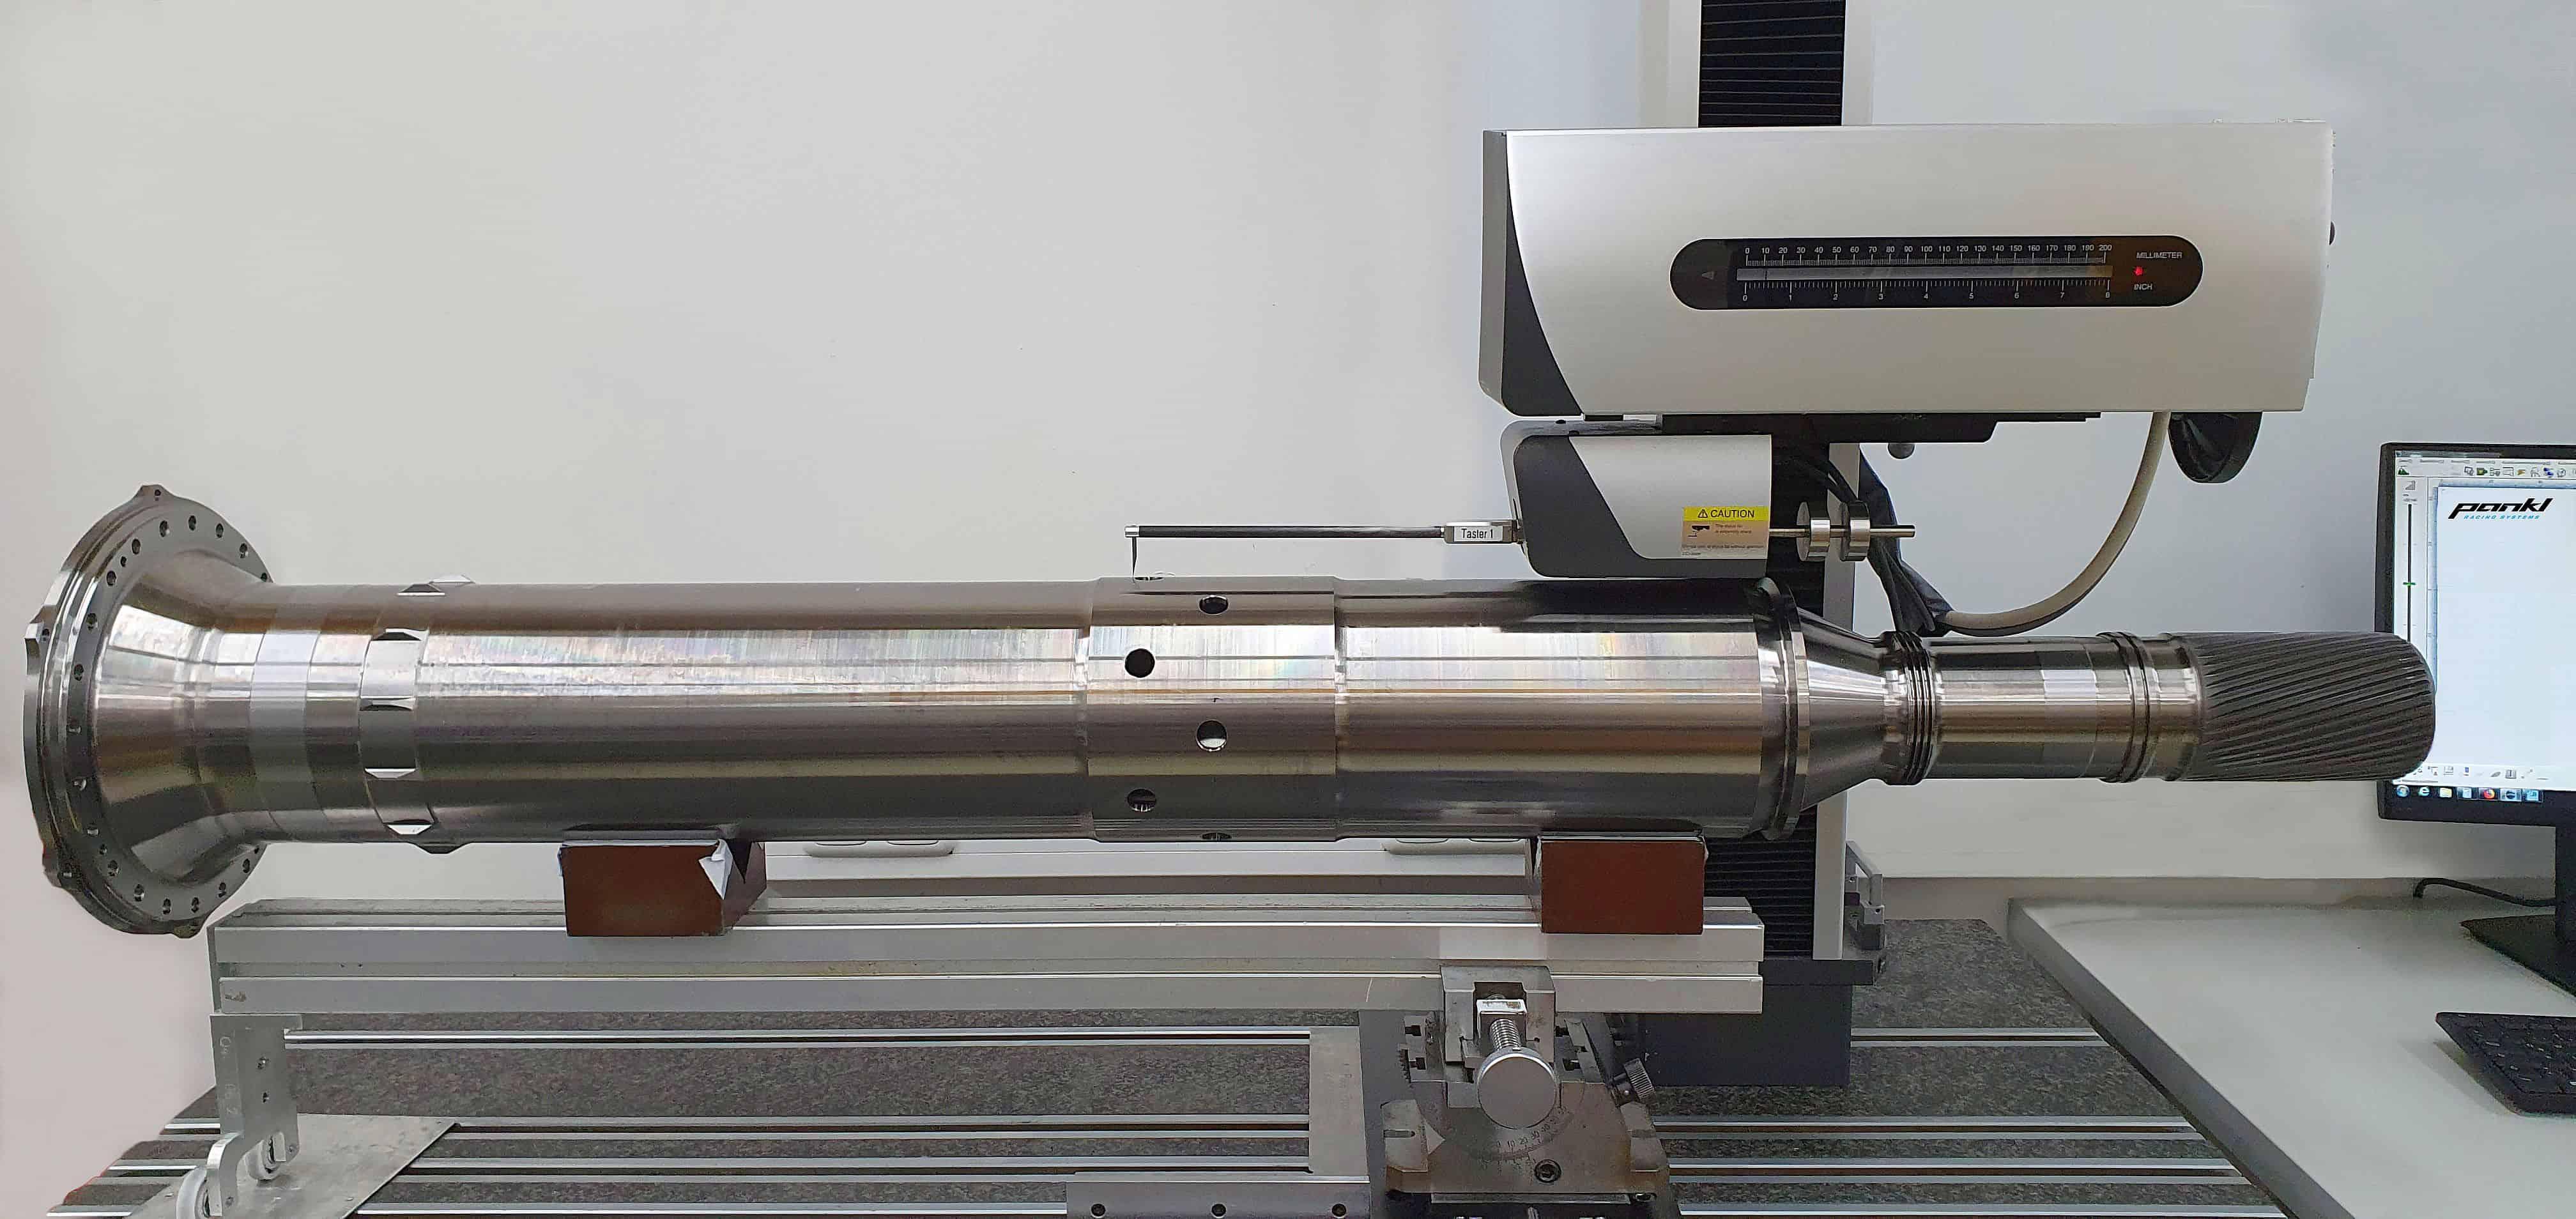 Pankl Aerospace misst seine Antriebswelle mit dem Konturmessgerät SURFCOM NEX 030 von ACCRETECH